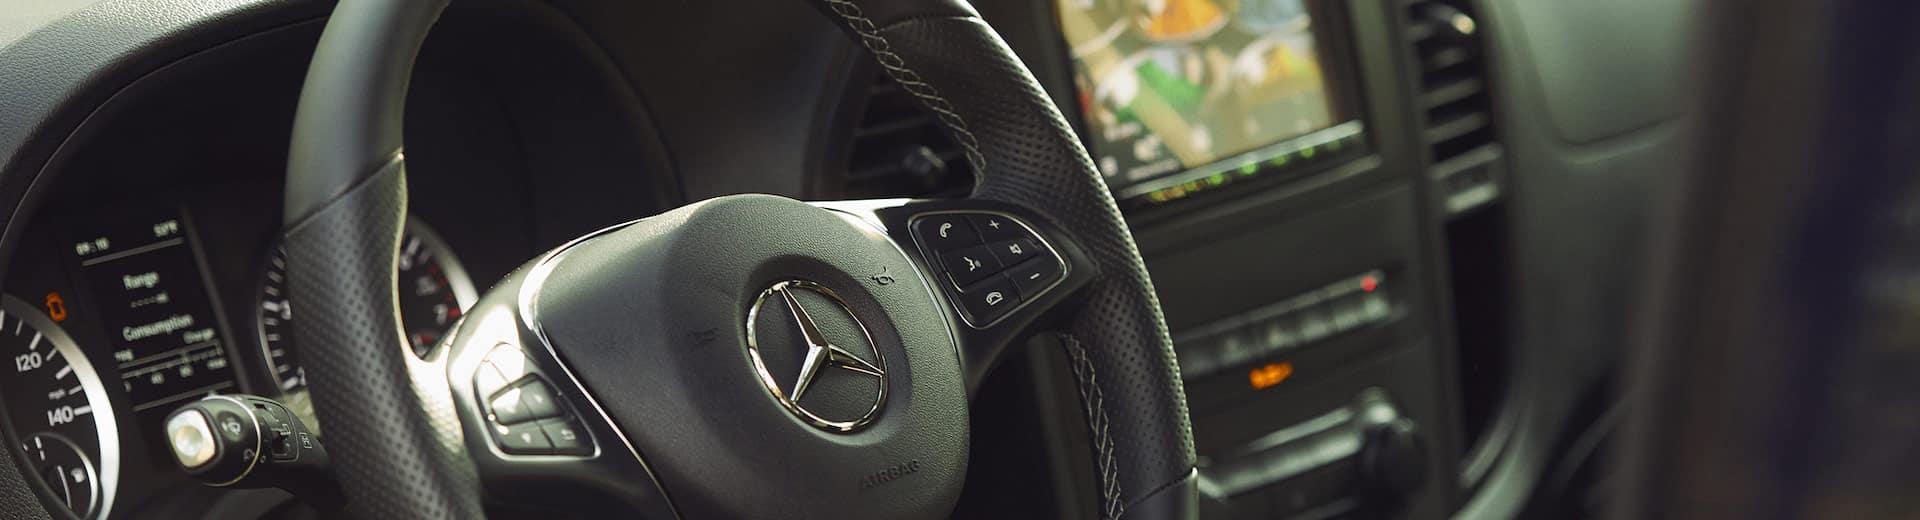 Sprinter Van Steering Wheel